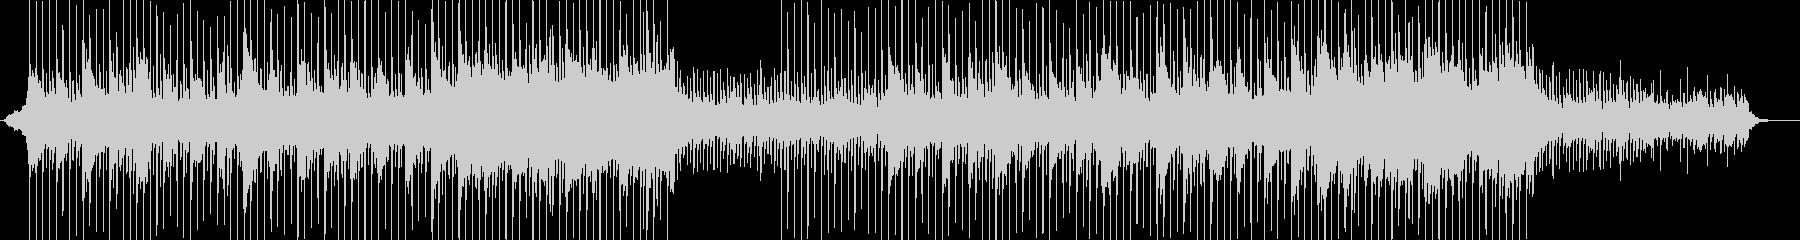 ひたむきに進んでゆくイメージのBGMの未再生の波形